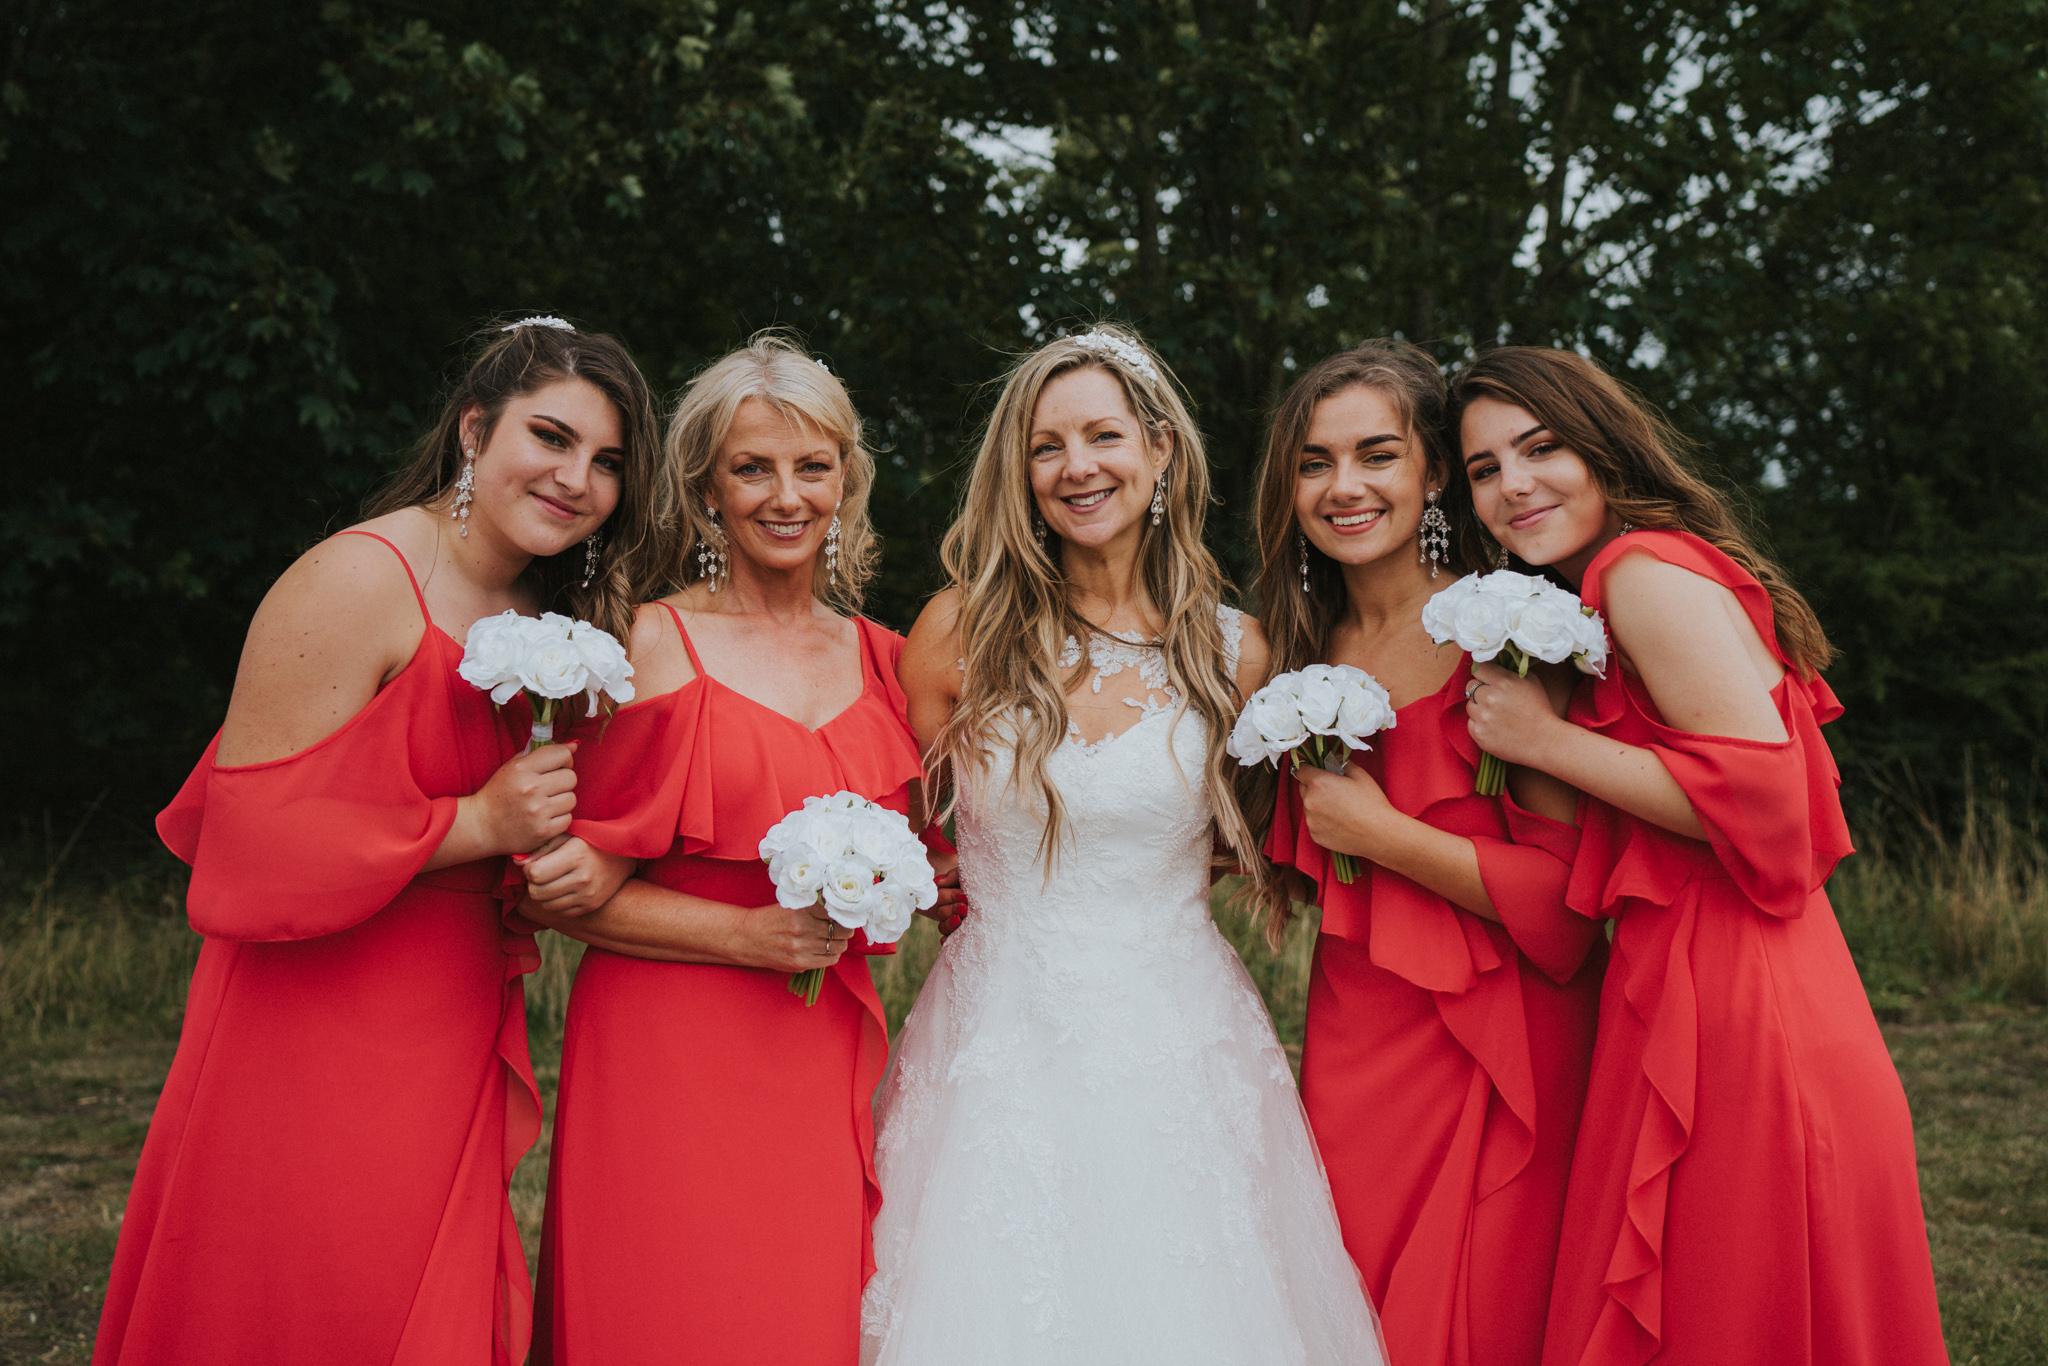 karen-tony-blackthorpe-barn-diy-wedding-grace-elizabeth-colchester-essex-alternative-wedding-lifestyle-photographer-essex-suffolk-norfolk-devon (29 of 35).jpg